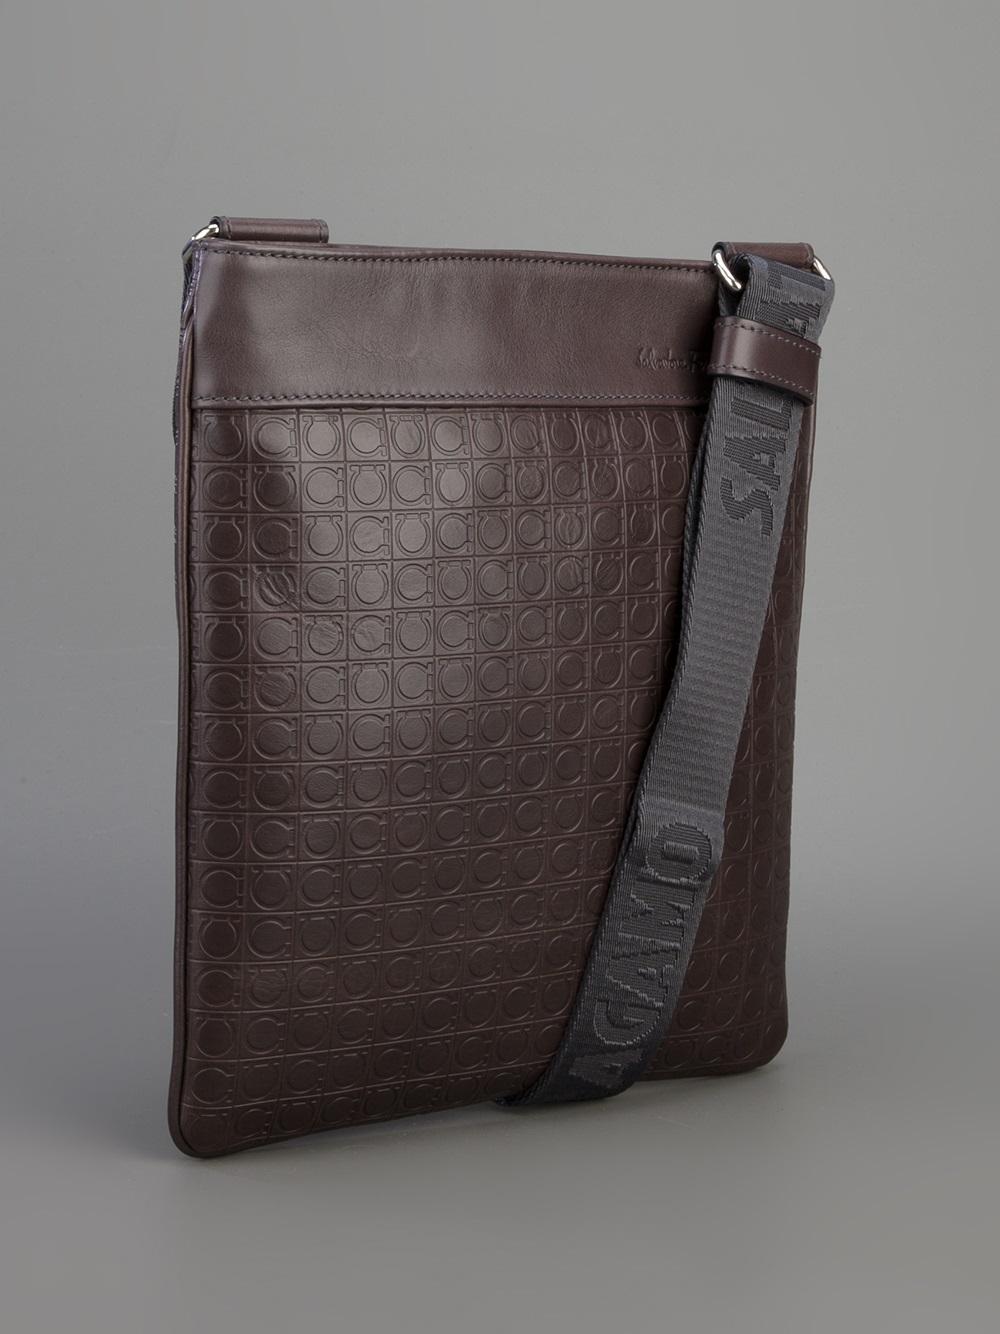 7953eb8e30 Lyst - Ferragamo Gamma Cross Body Bag in Brown for Men